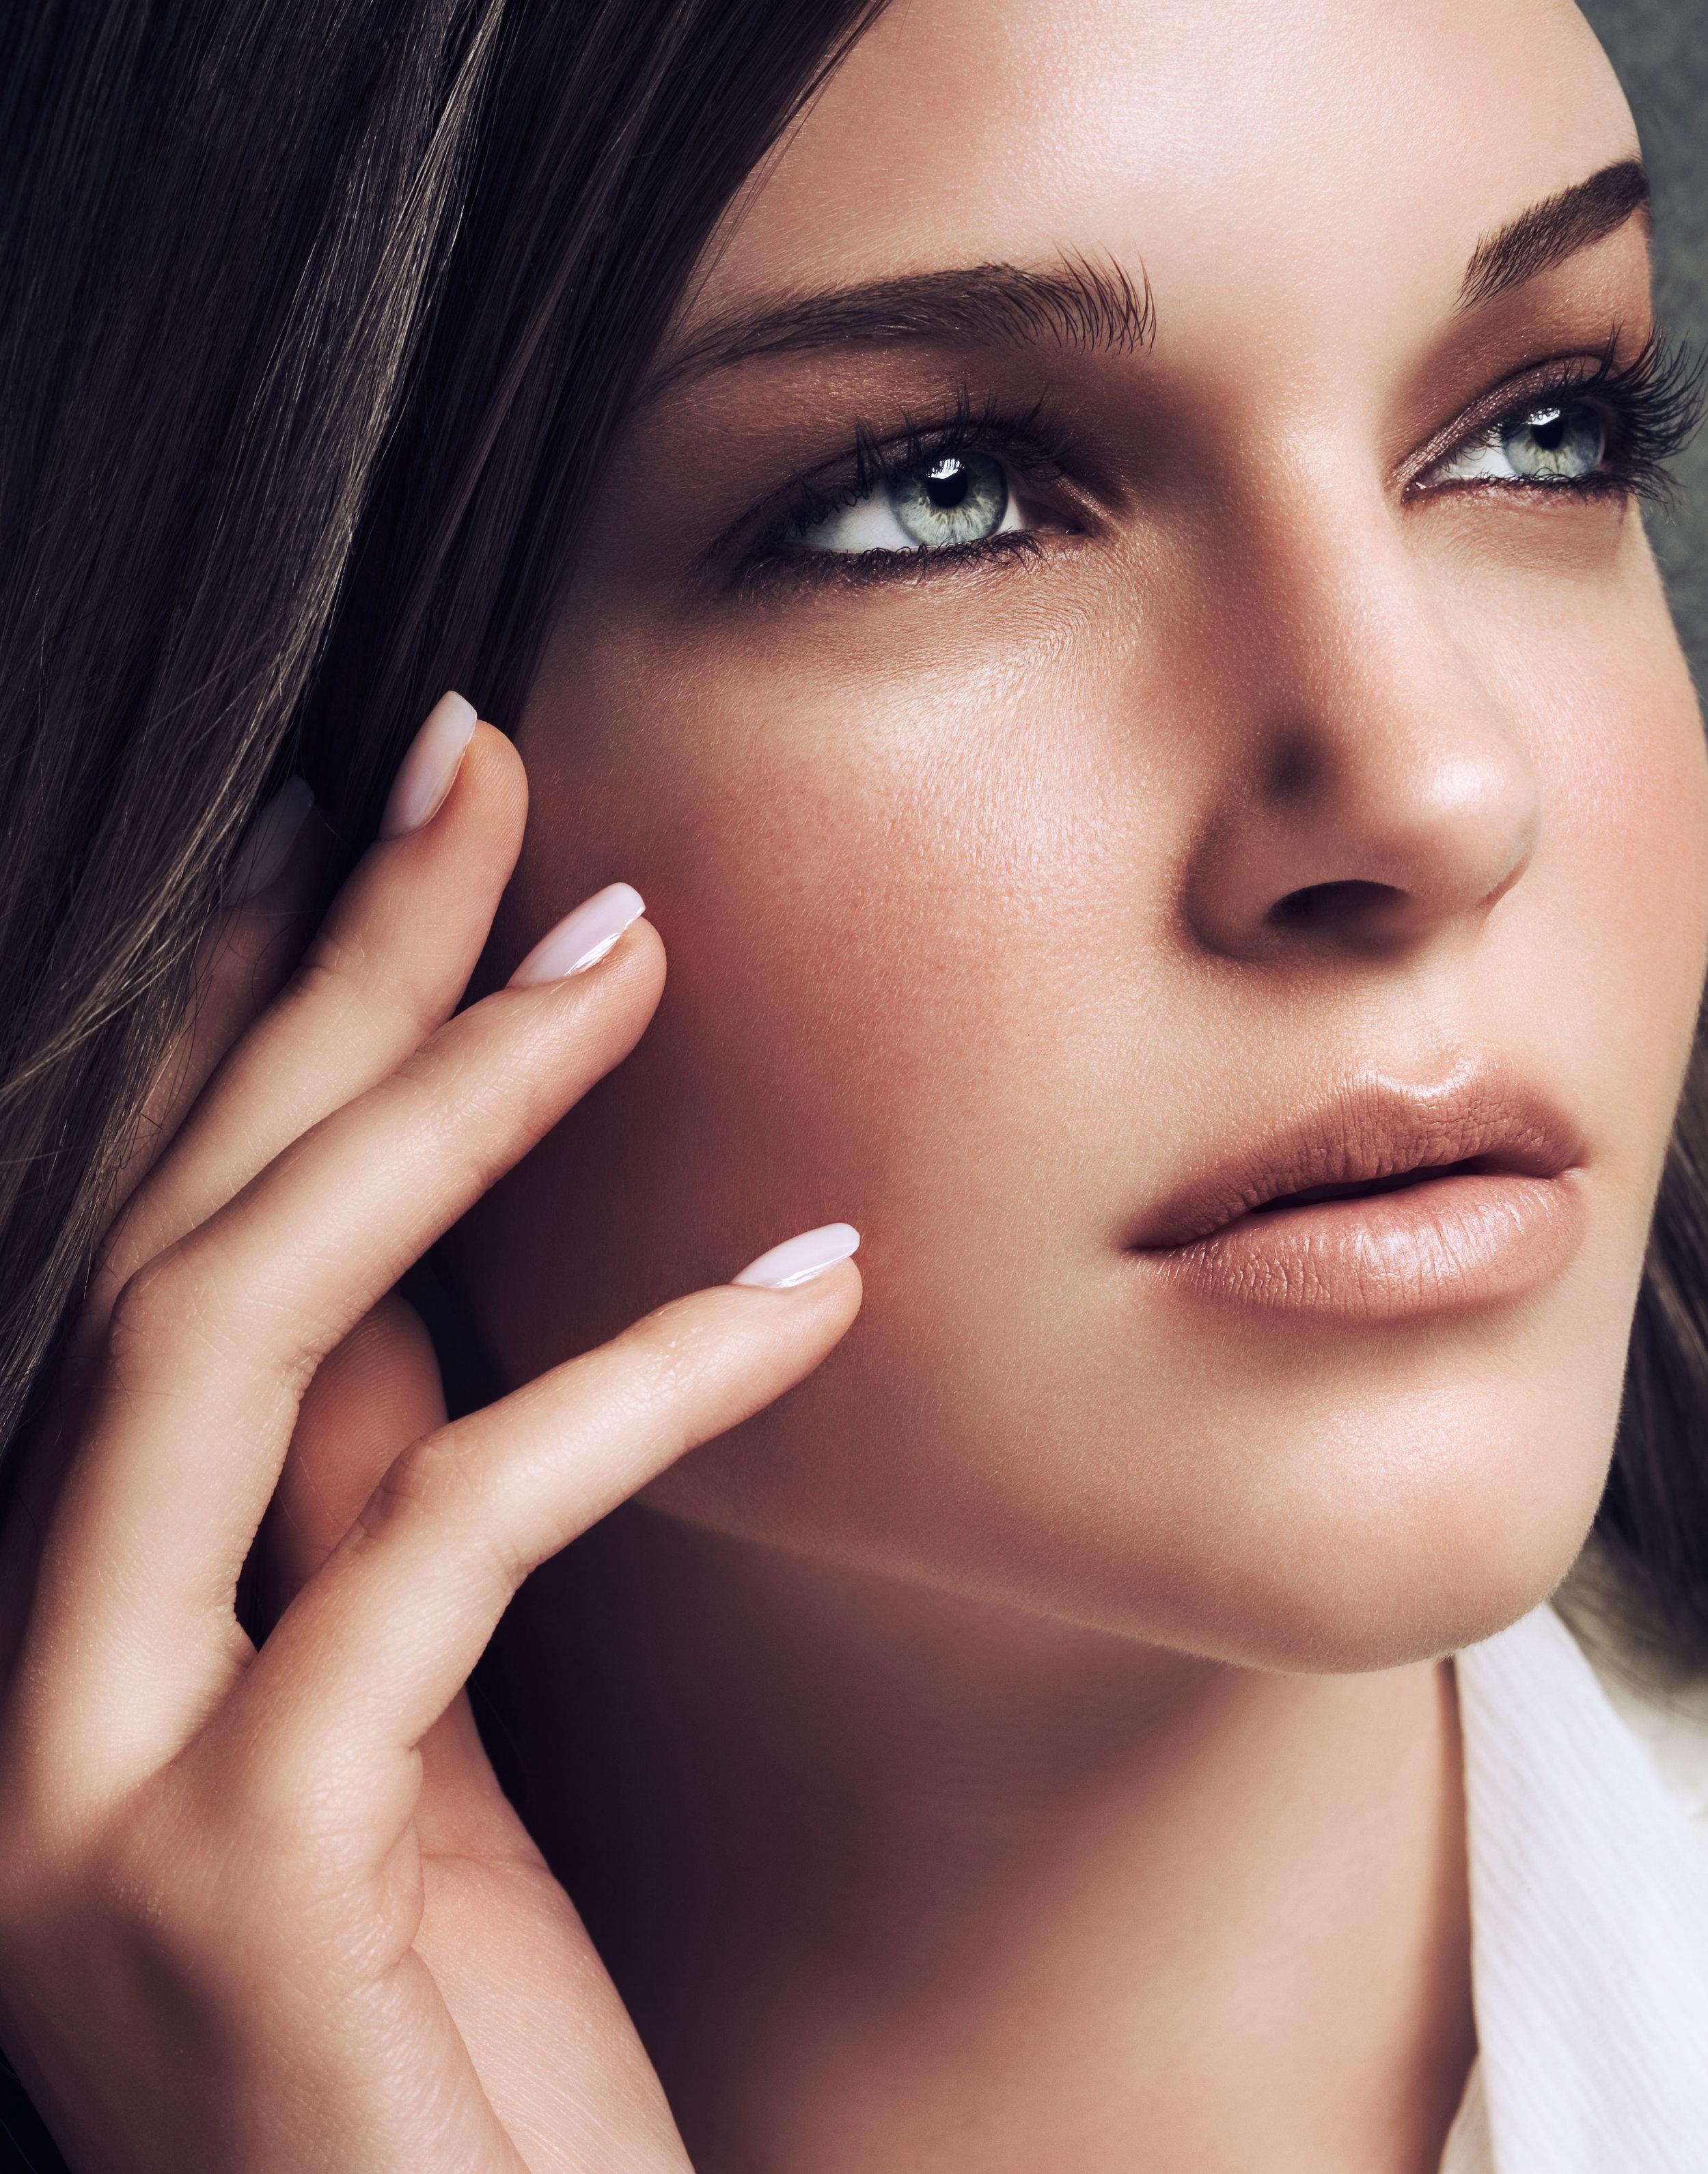 beauty_nails.jpg